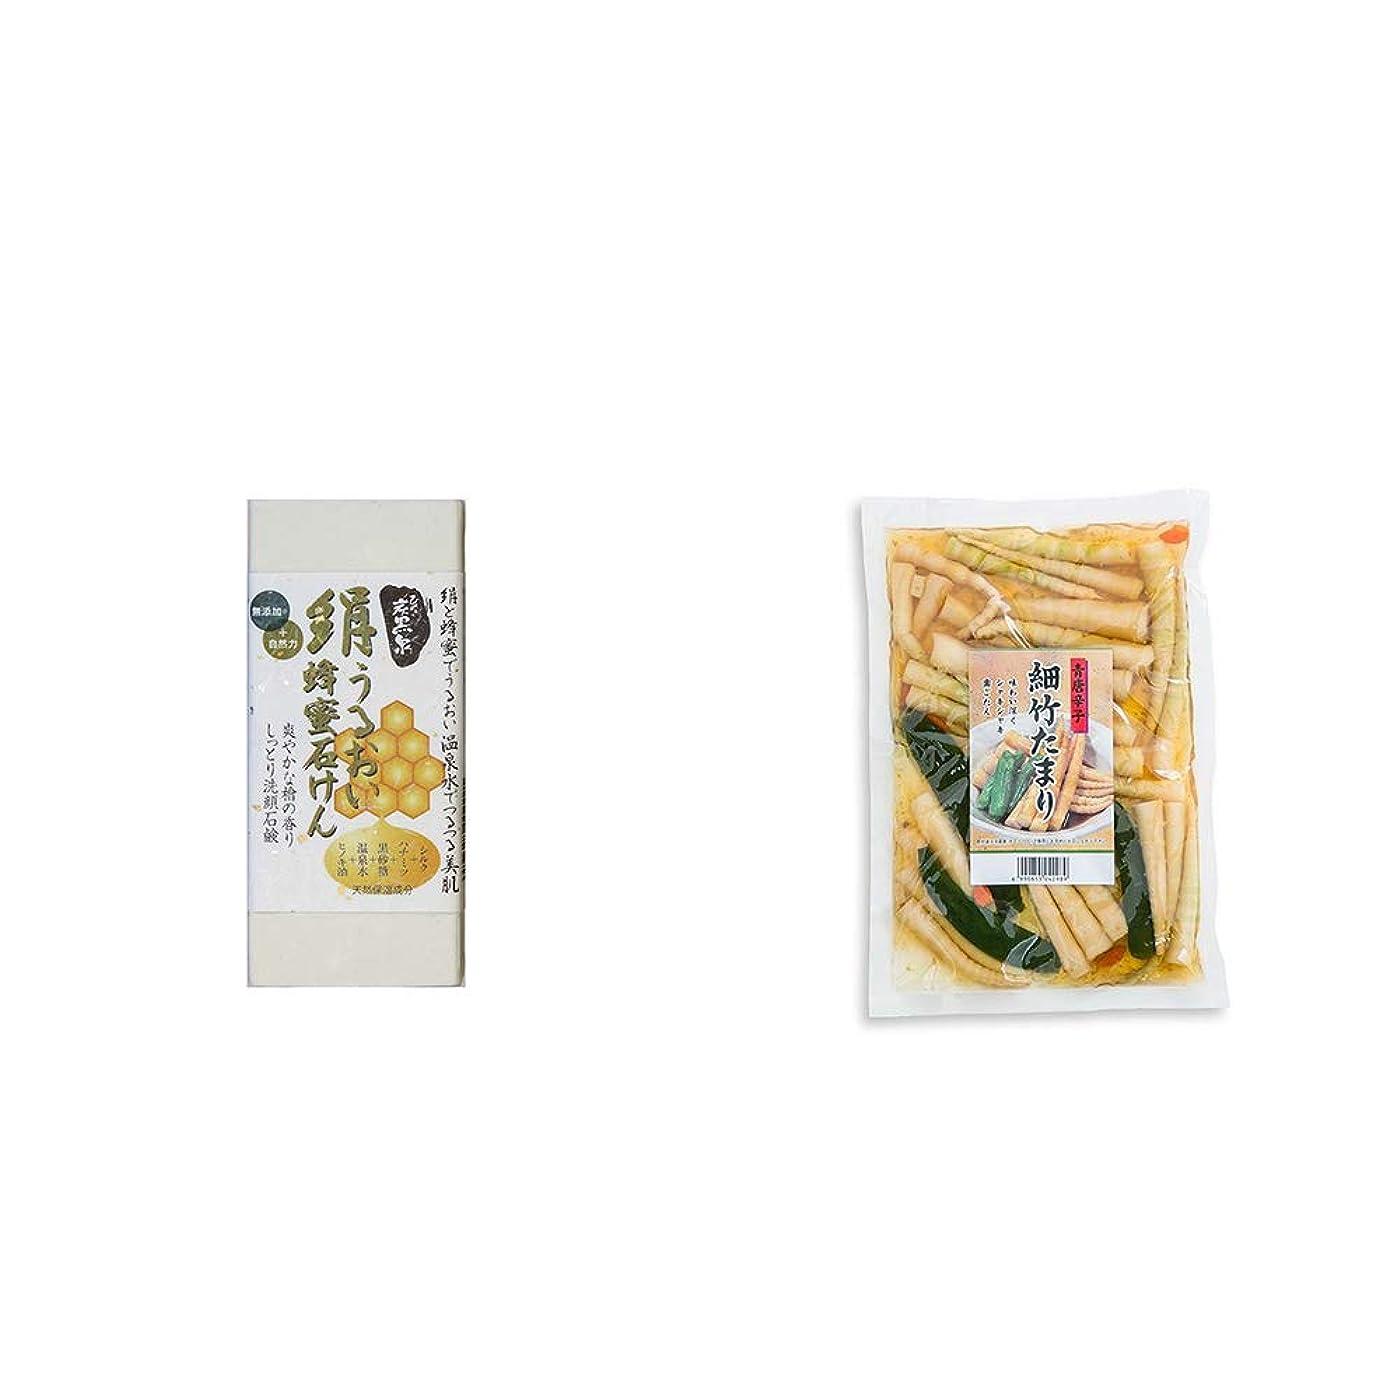 後悔従う革新[2点セット] ひのき炭黒泉 絹うるおい蜂蜜石けん(75g×2)?青唐辛子 細竹たまり(330g)